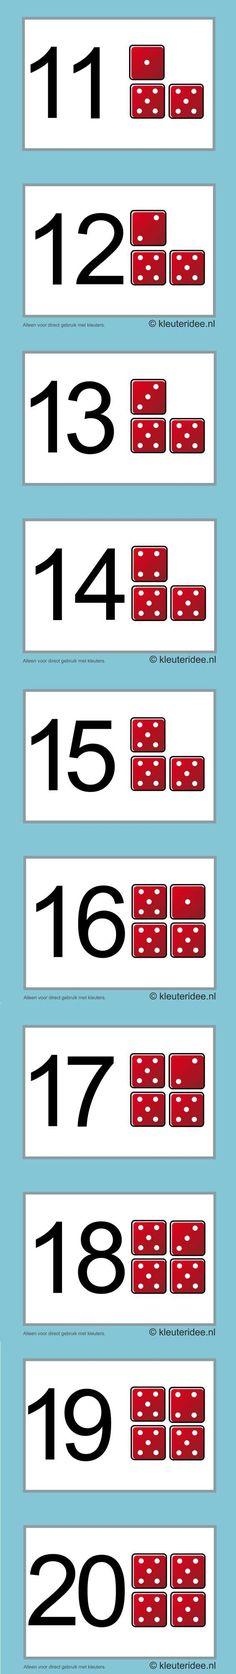 Cijferkaarten voor kleuters 19-20, kleuteridee.nl , number cards for preschool , free printable.